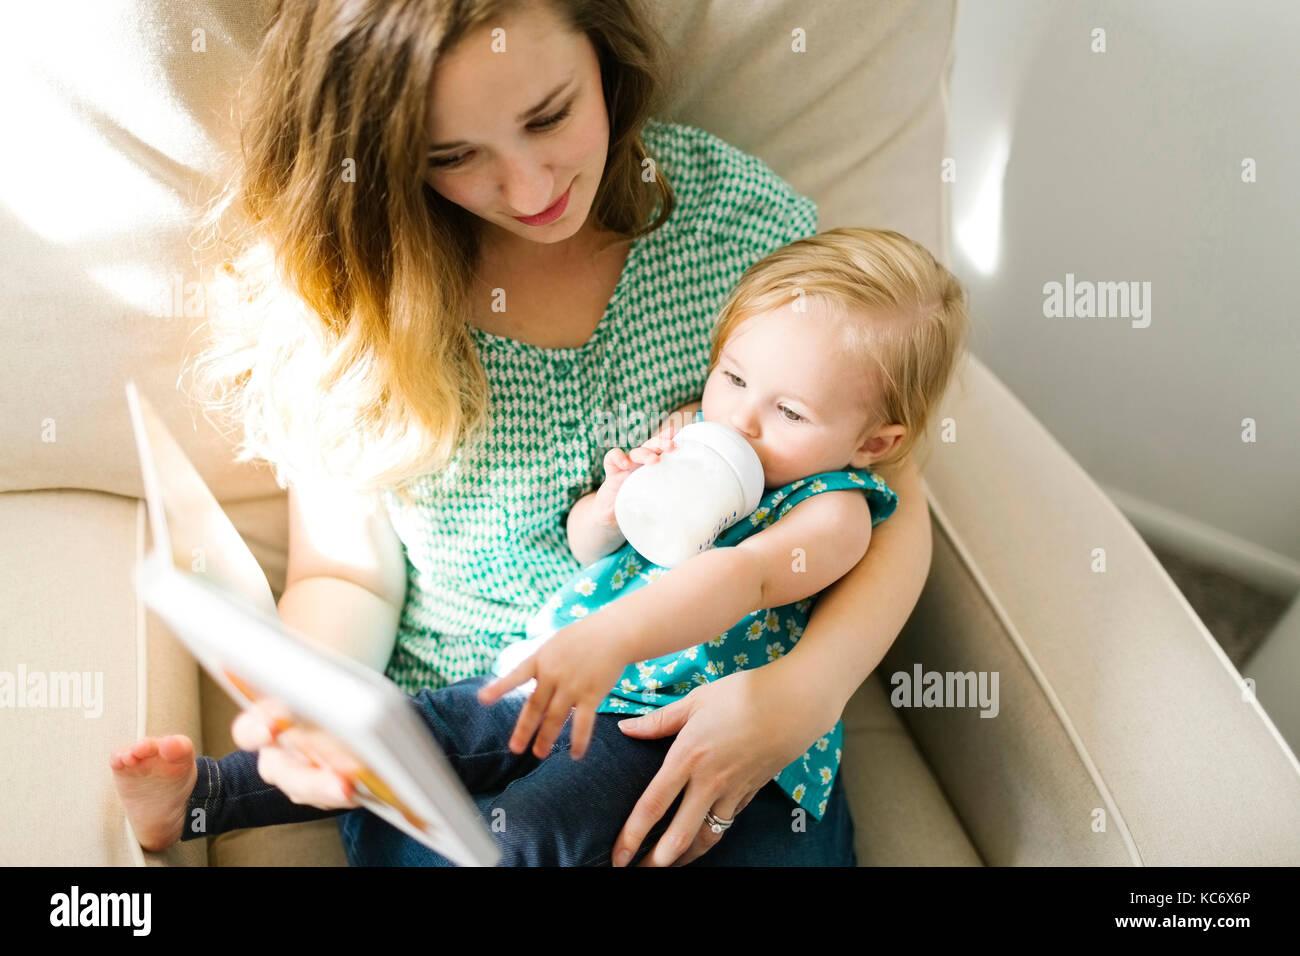 Madre con niña (12-17 meses) sentado en el salón y el libro de lectura Foto de stock